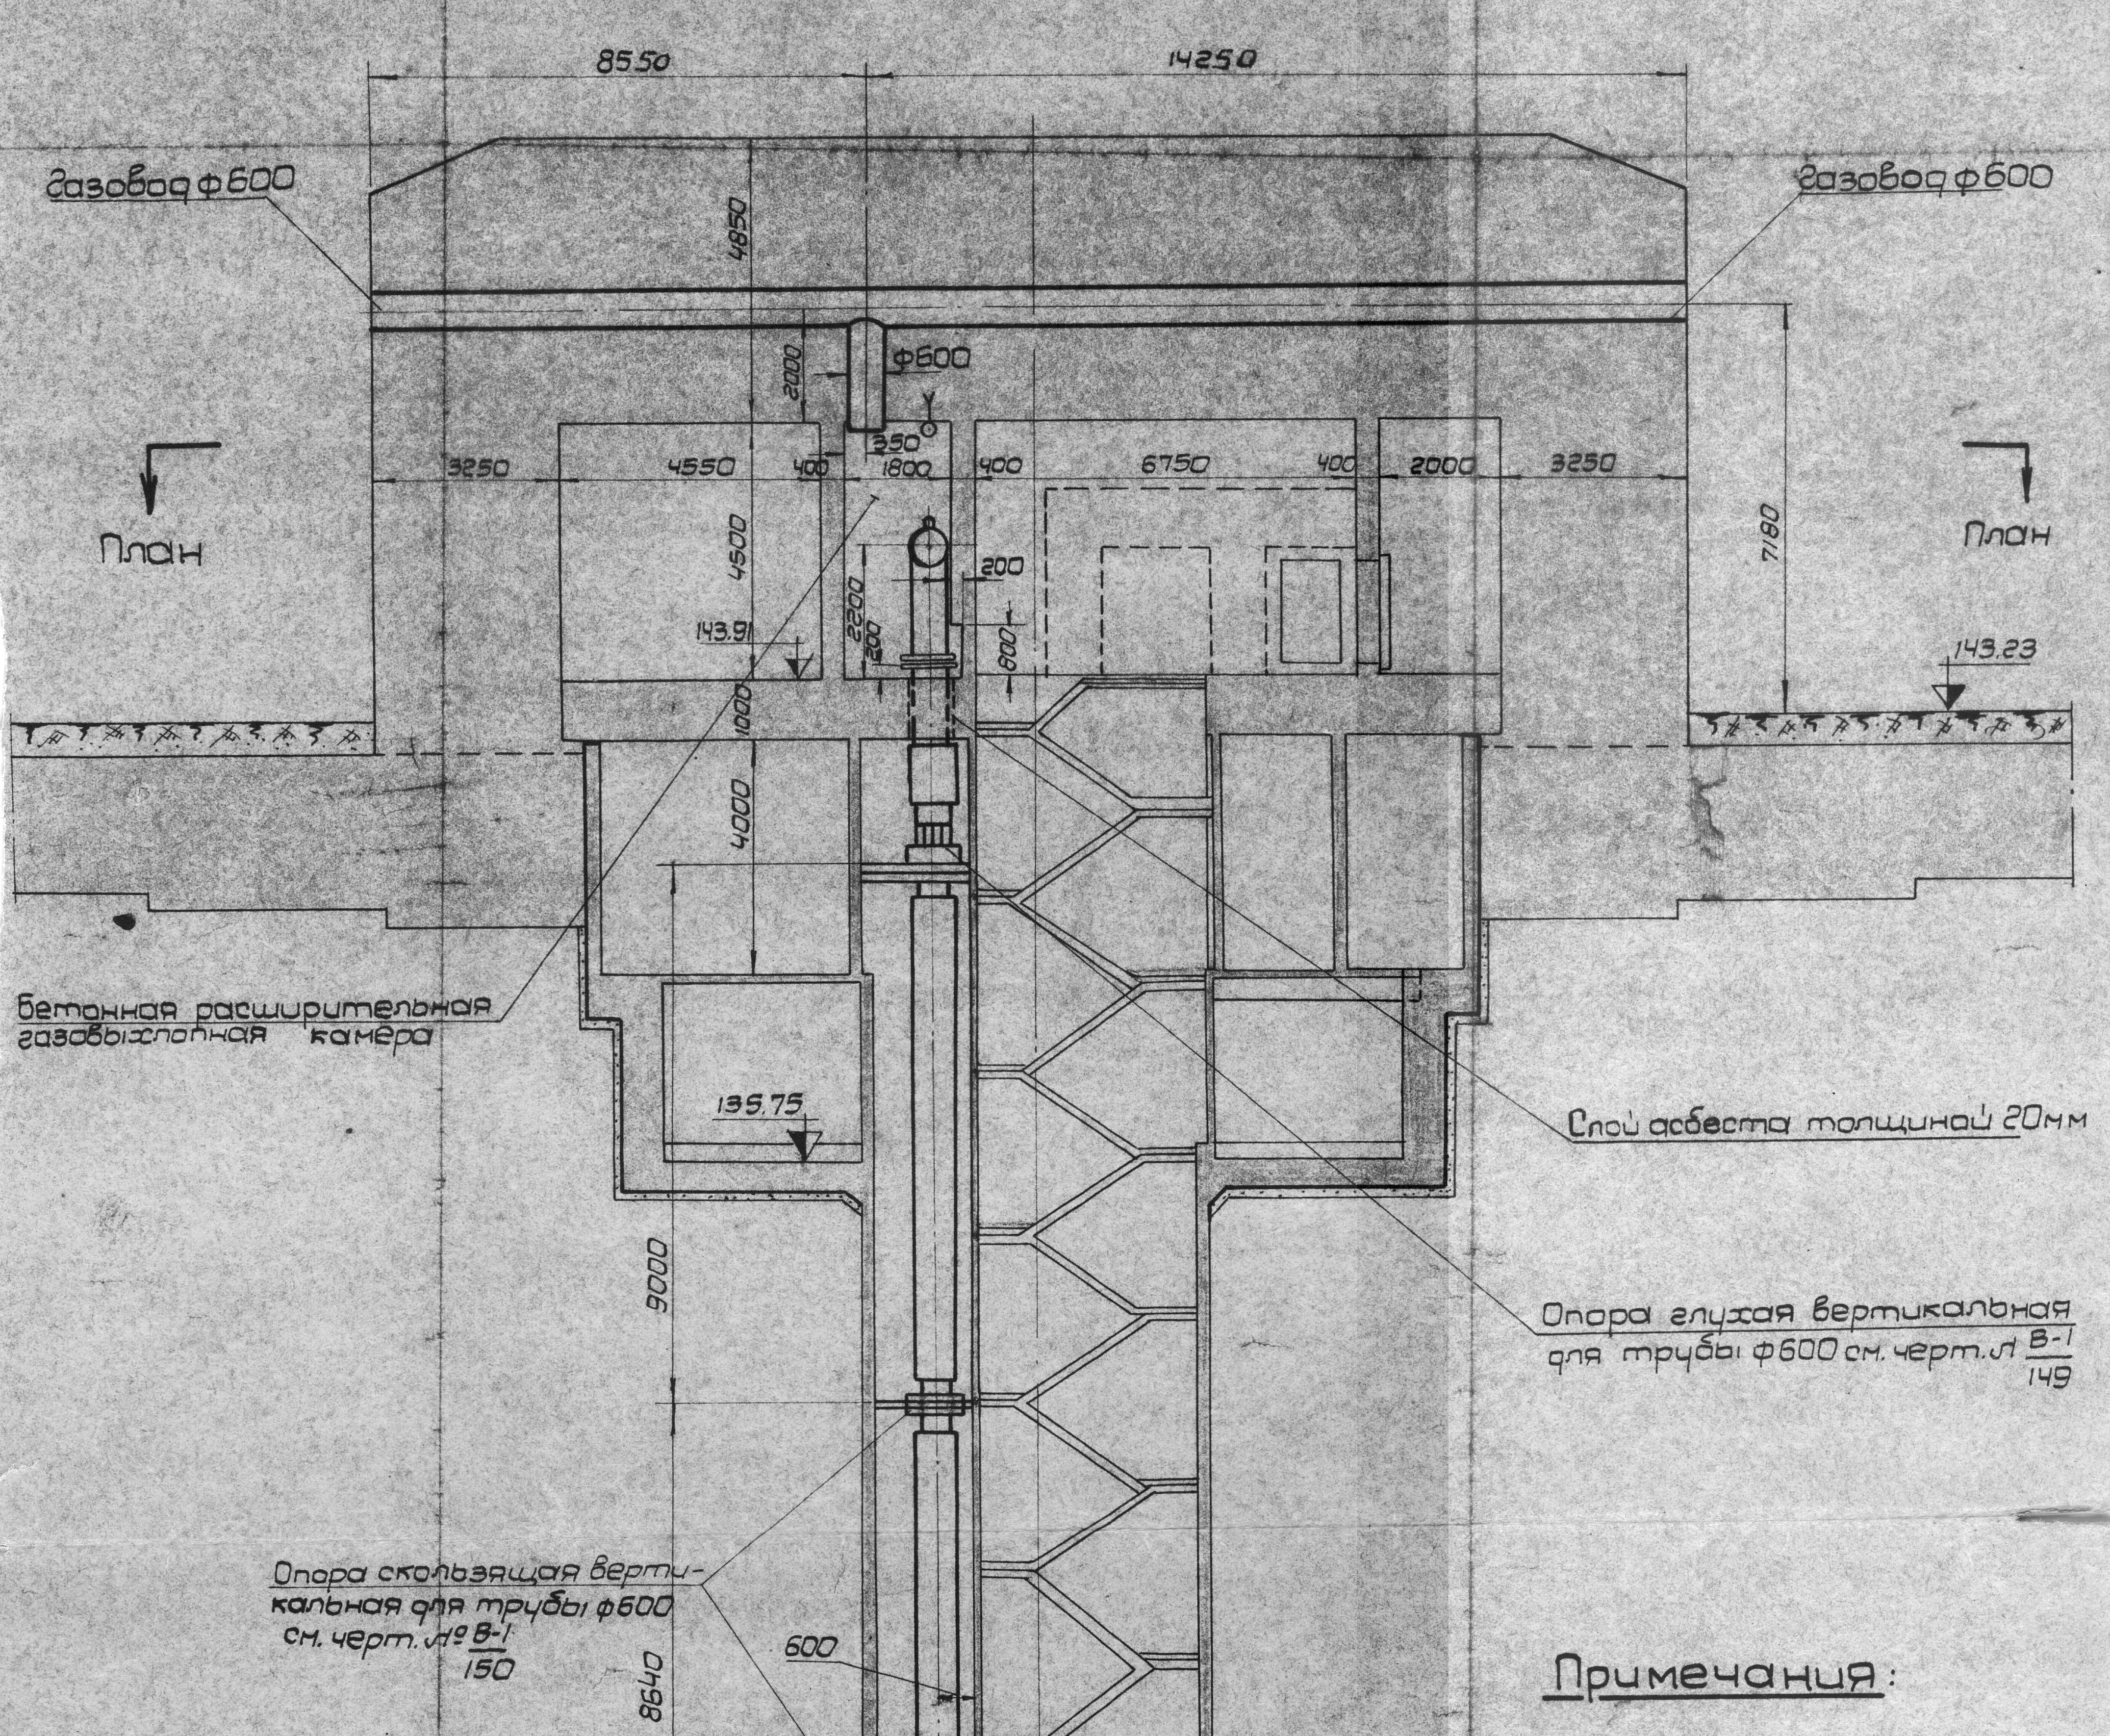 Объект ЧЗ-293, «бетонный колпак» против «верхнего ходка»